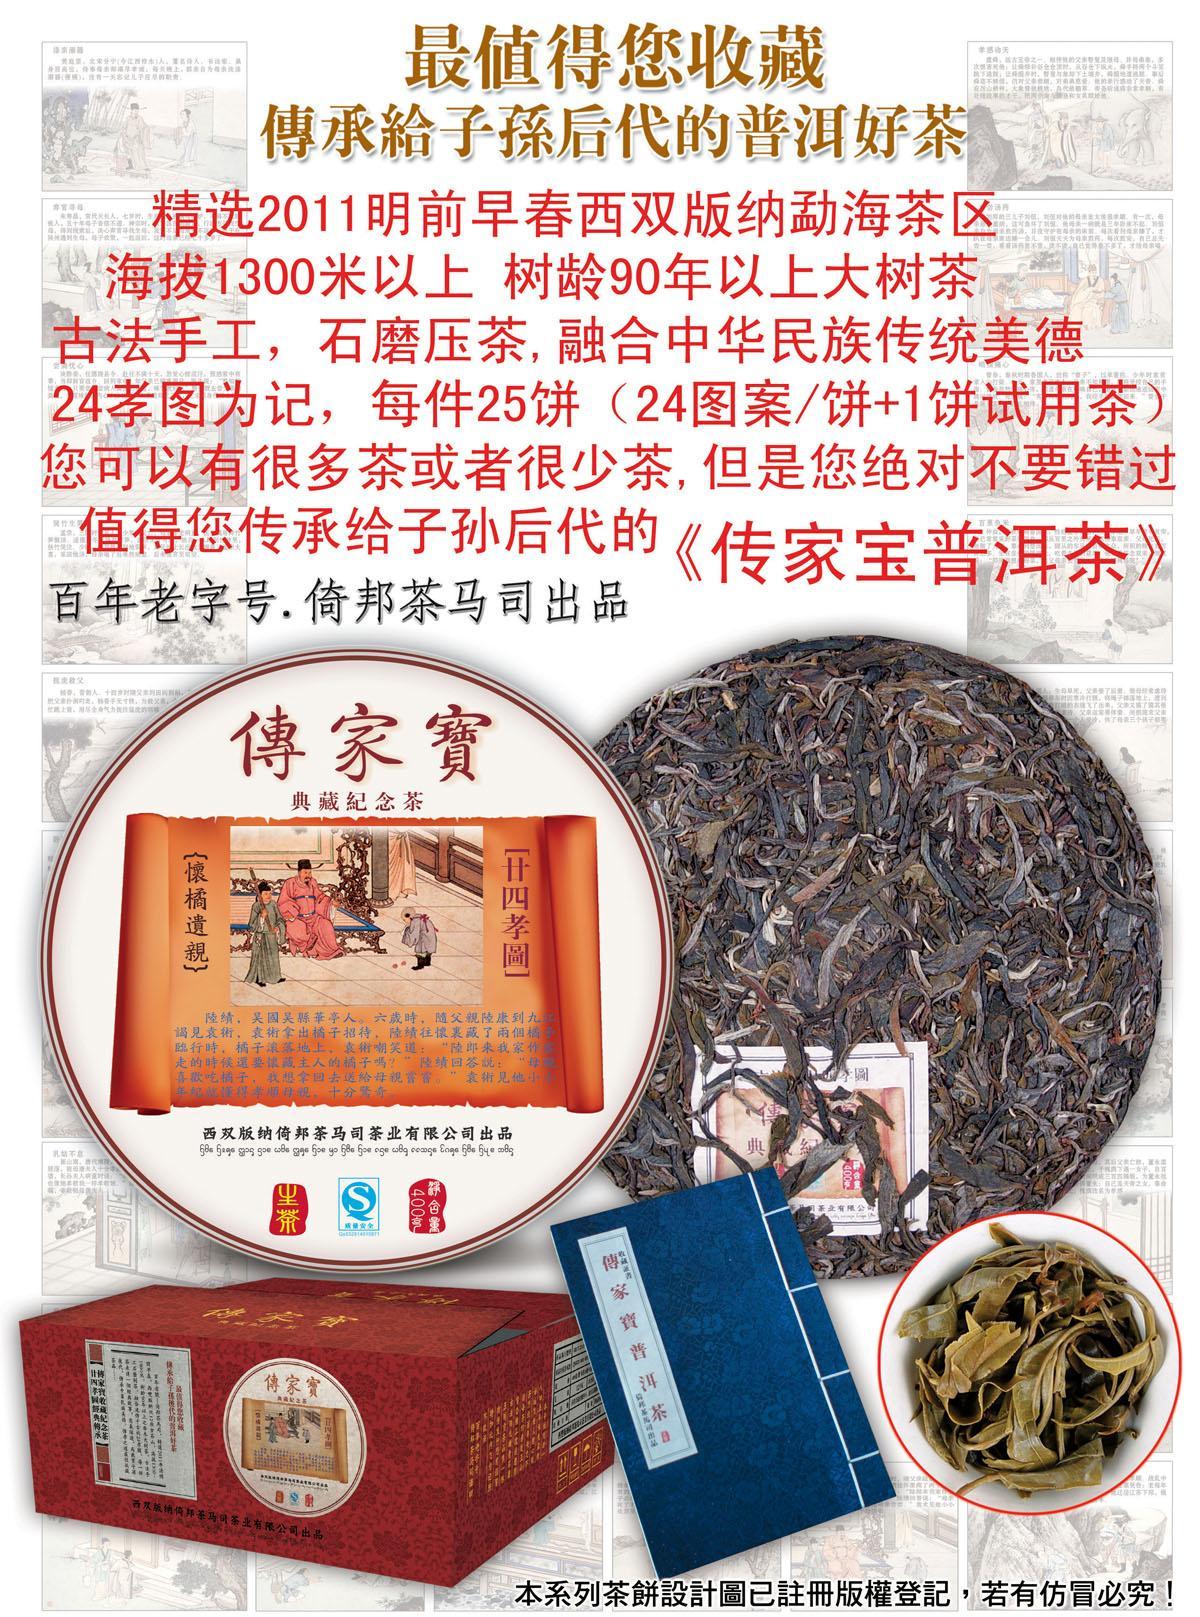 2011倚邦茶马司——传家宝(含:乔木、大树)